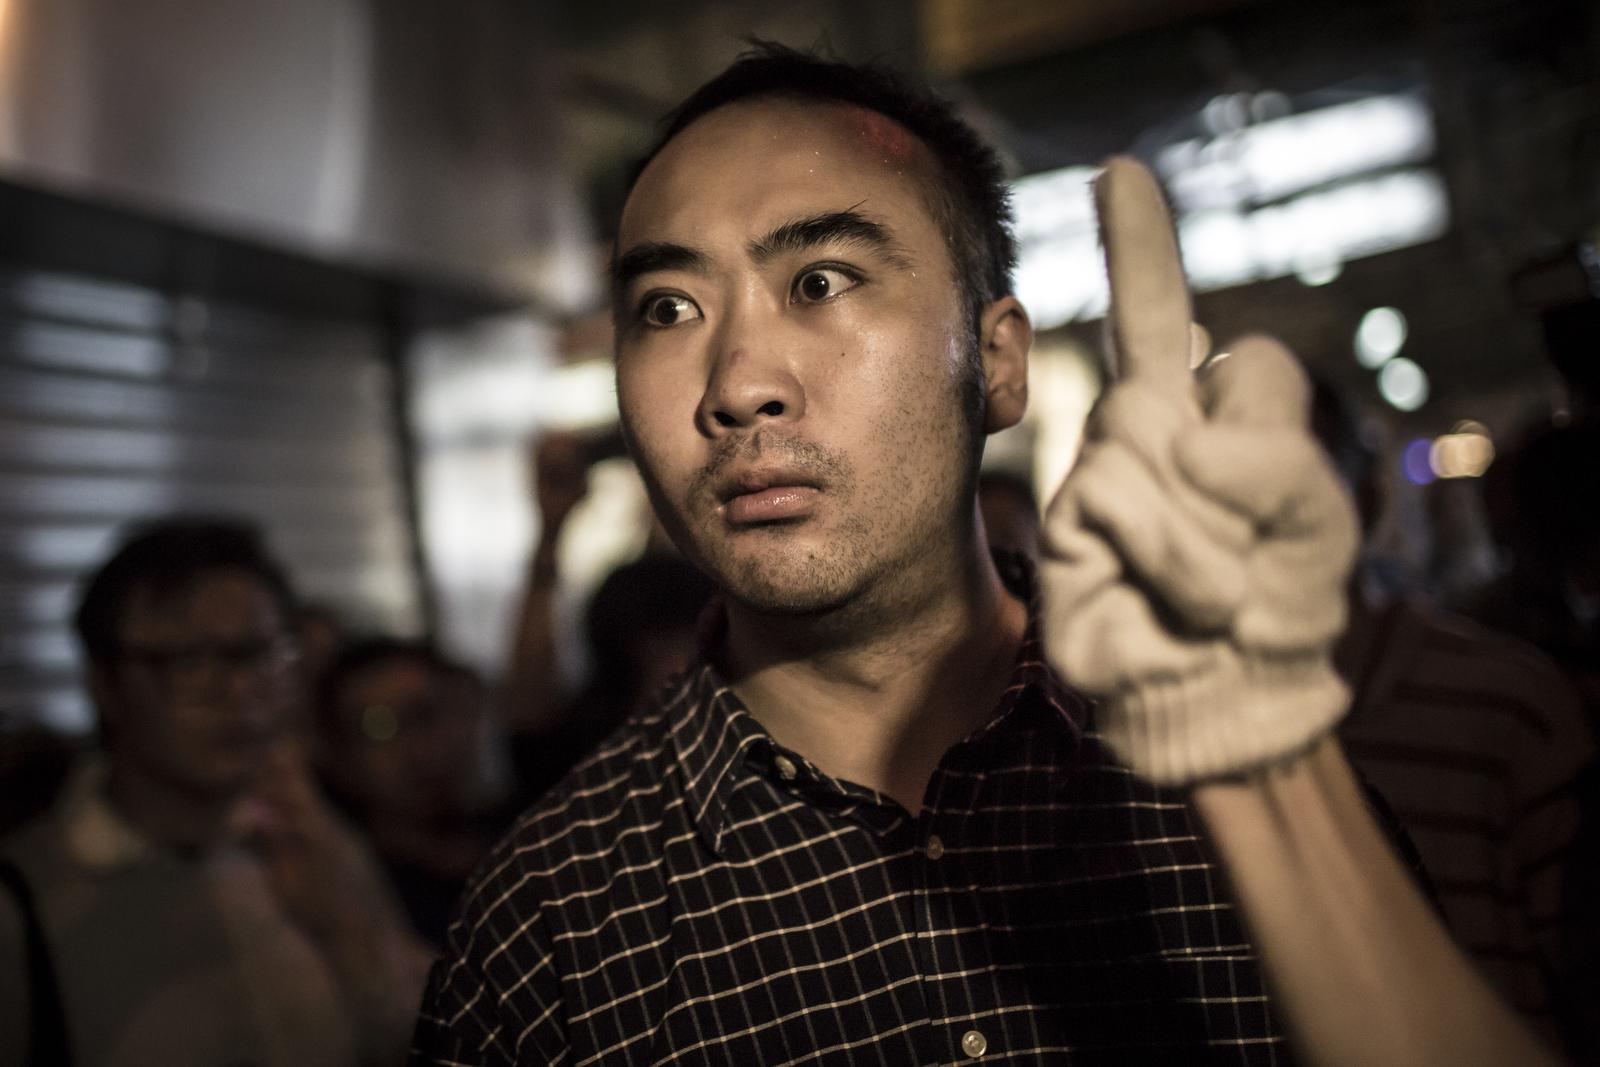 MATHIEU_WILLCOCKS_Hong Kong_Protest_0019.jpg